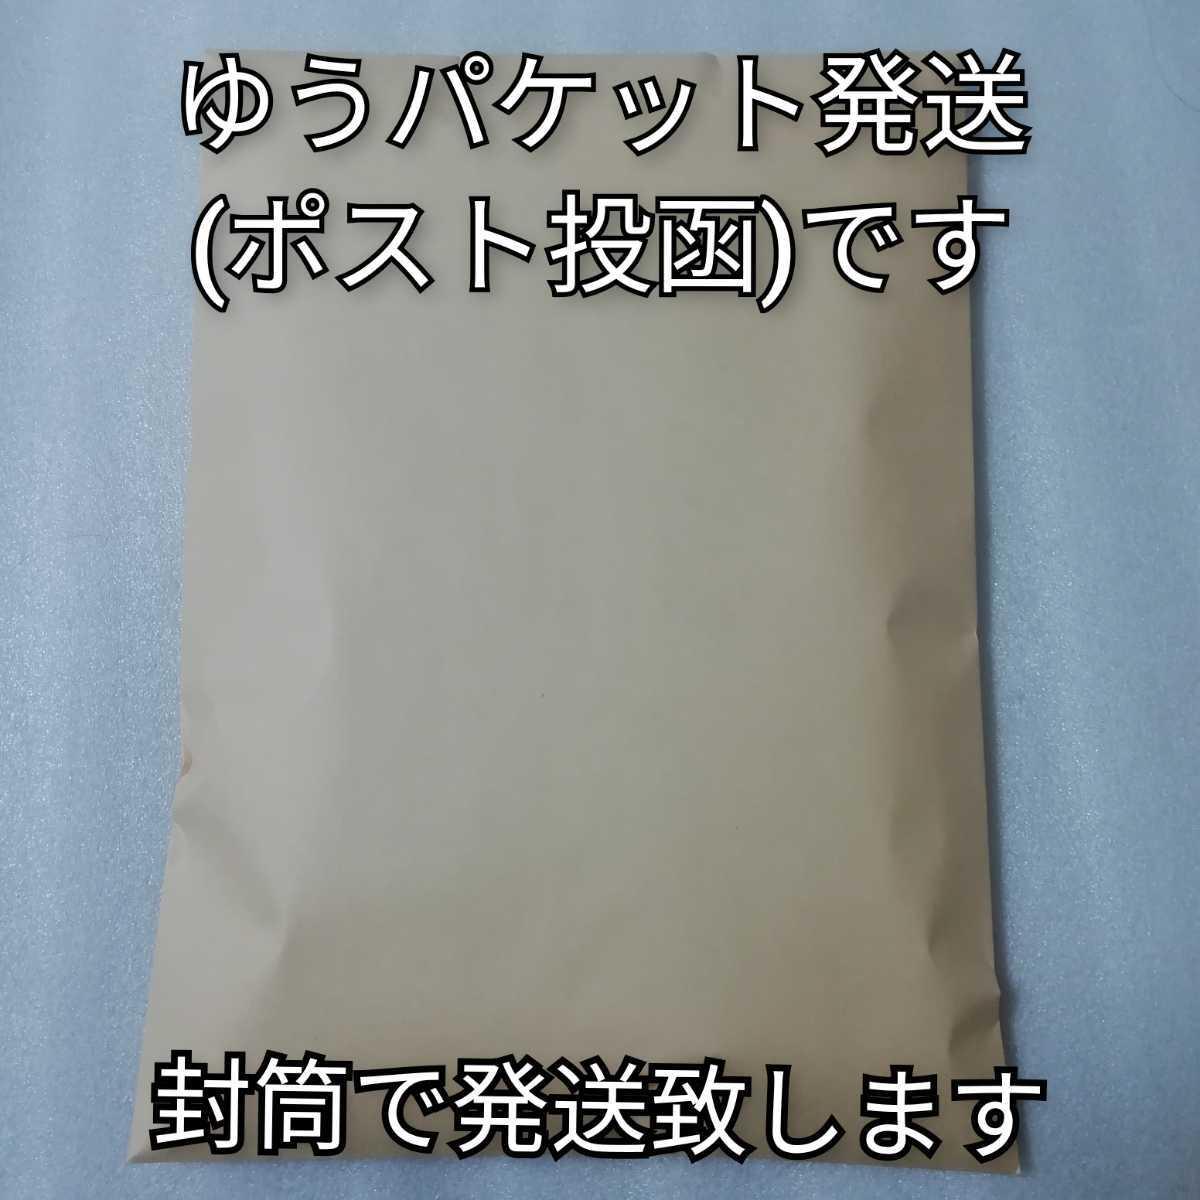 ビクトリーブレンド 20袋 澤井珈琲 ドリップコーヒー ②_画像2